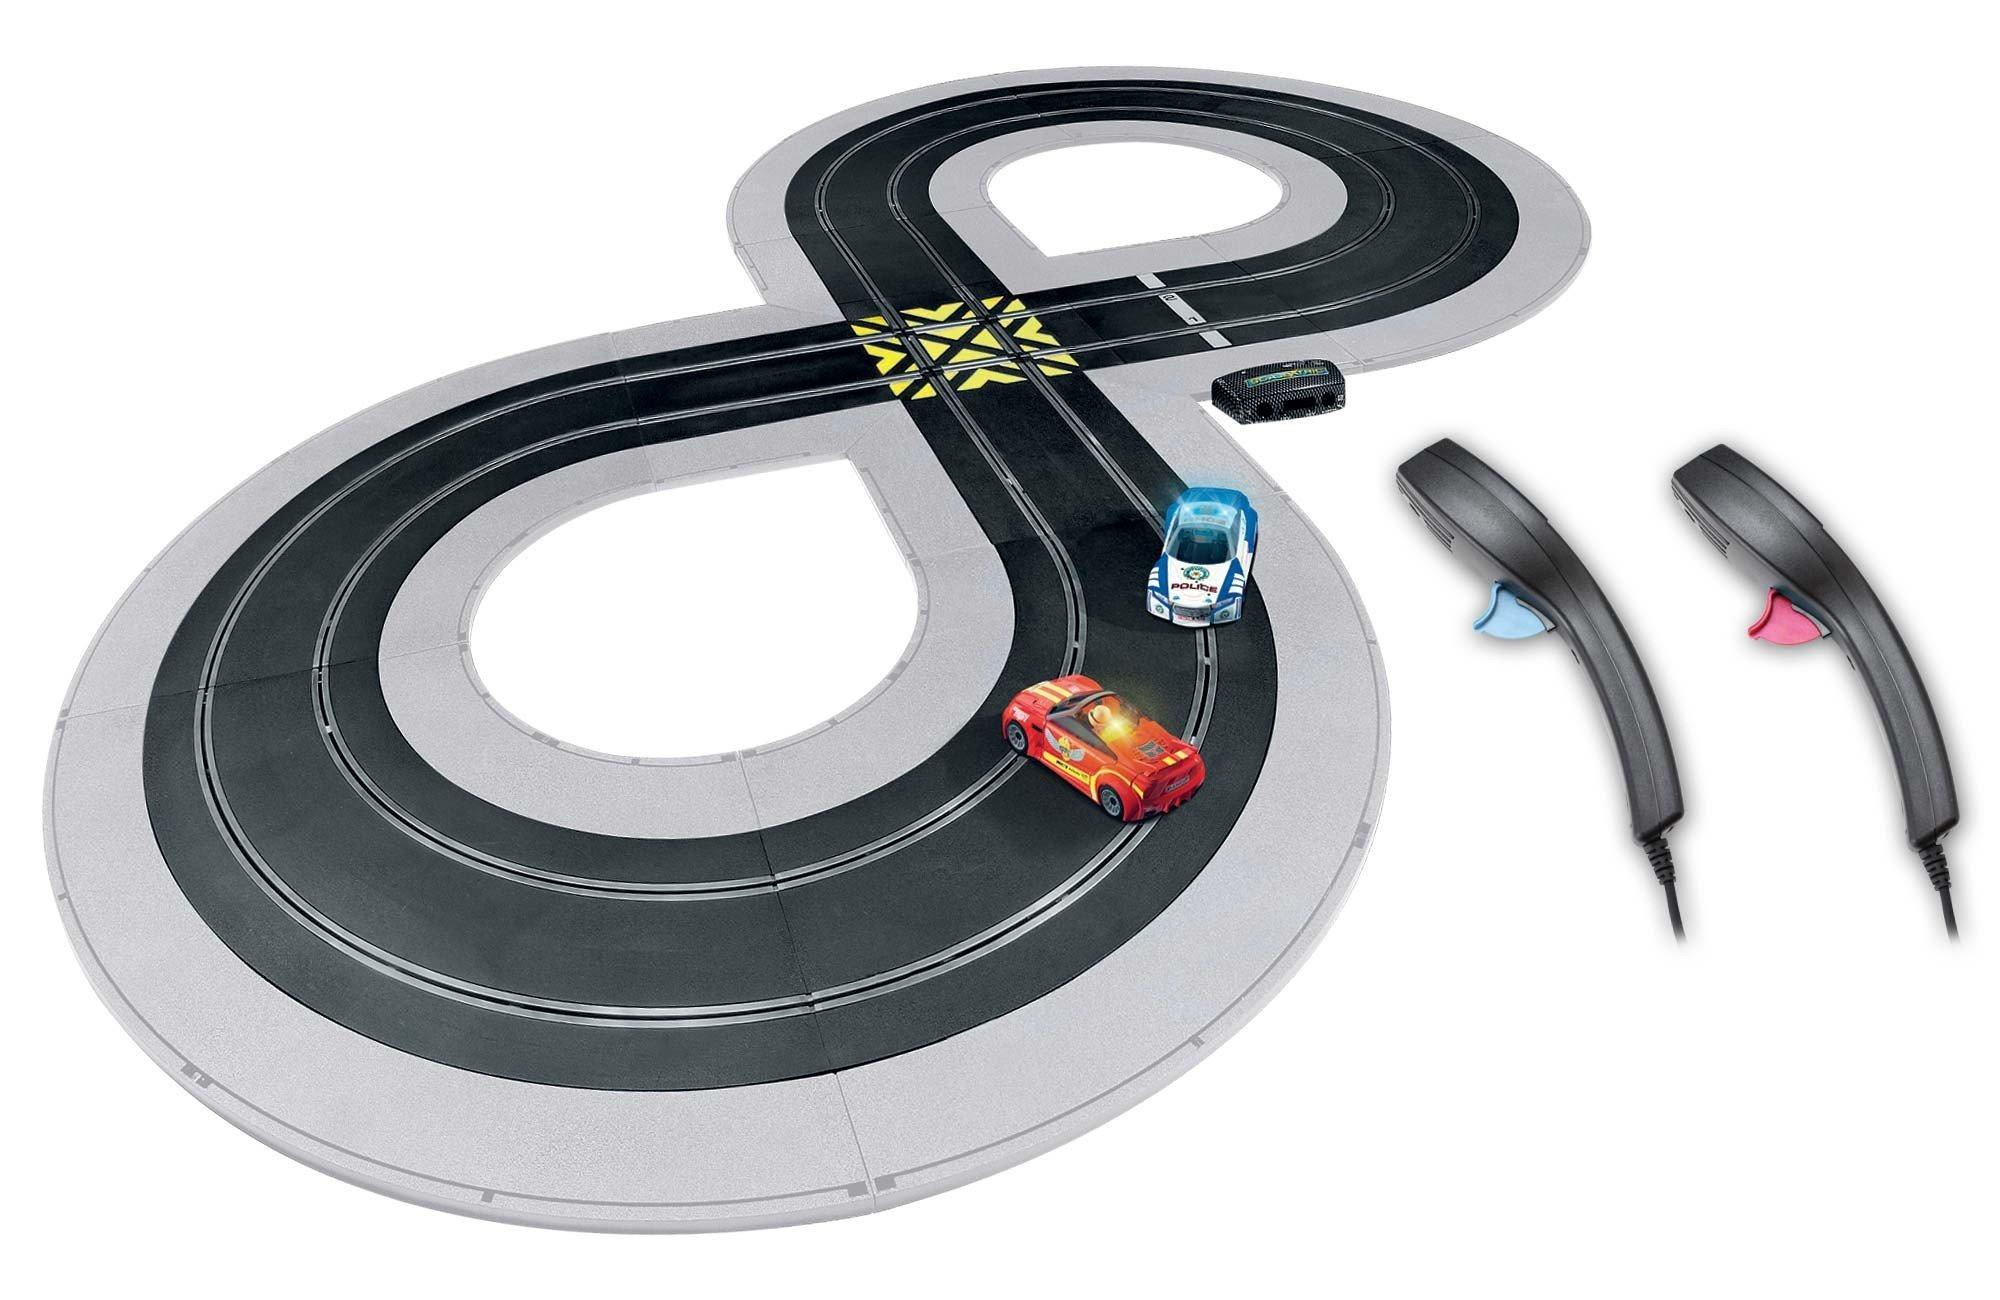 Scalextric C1323T Quickbuild Cops N Robbers 1:32 Slot Car Race Set